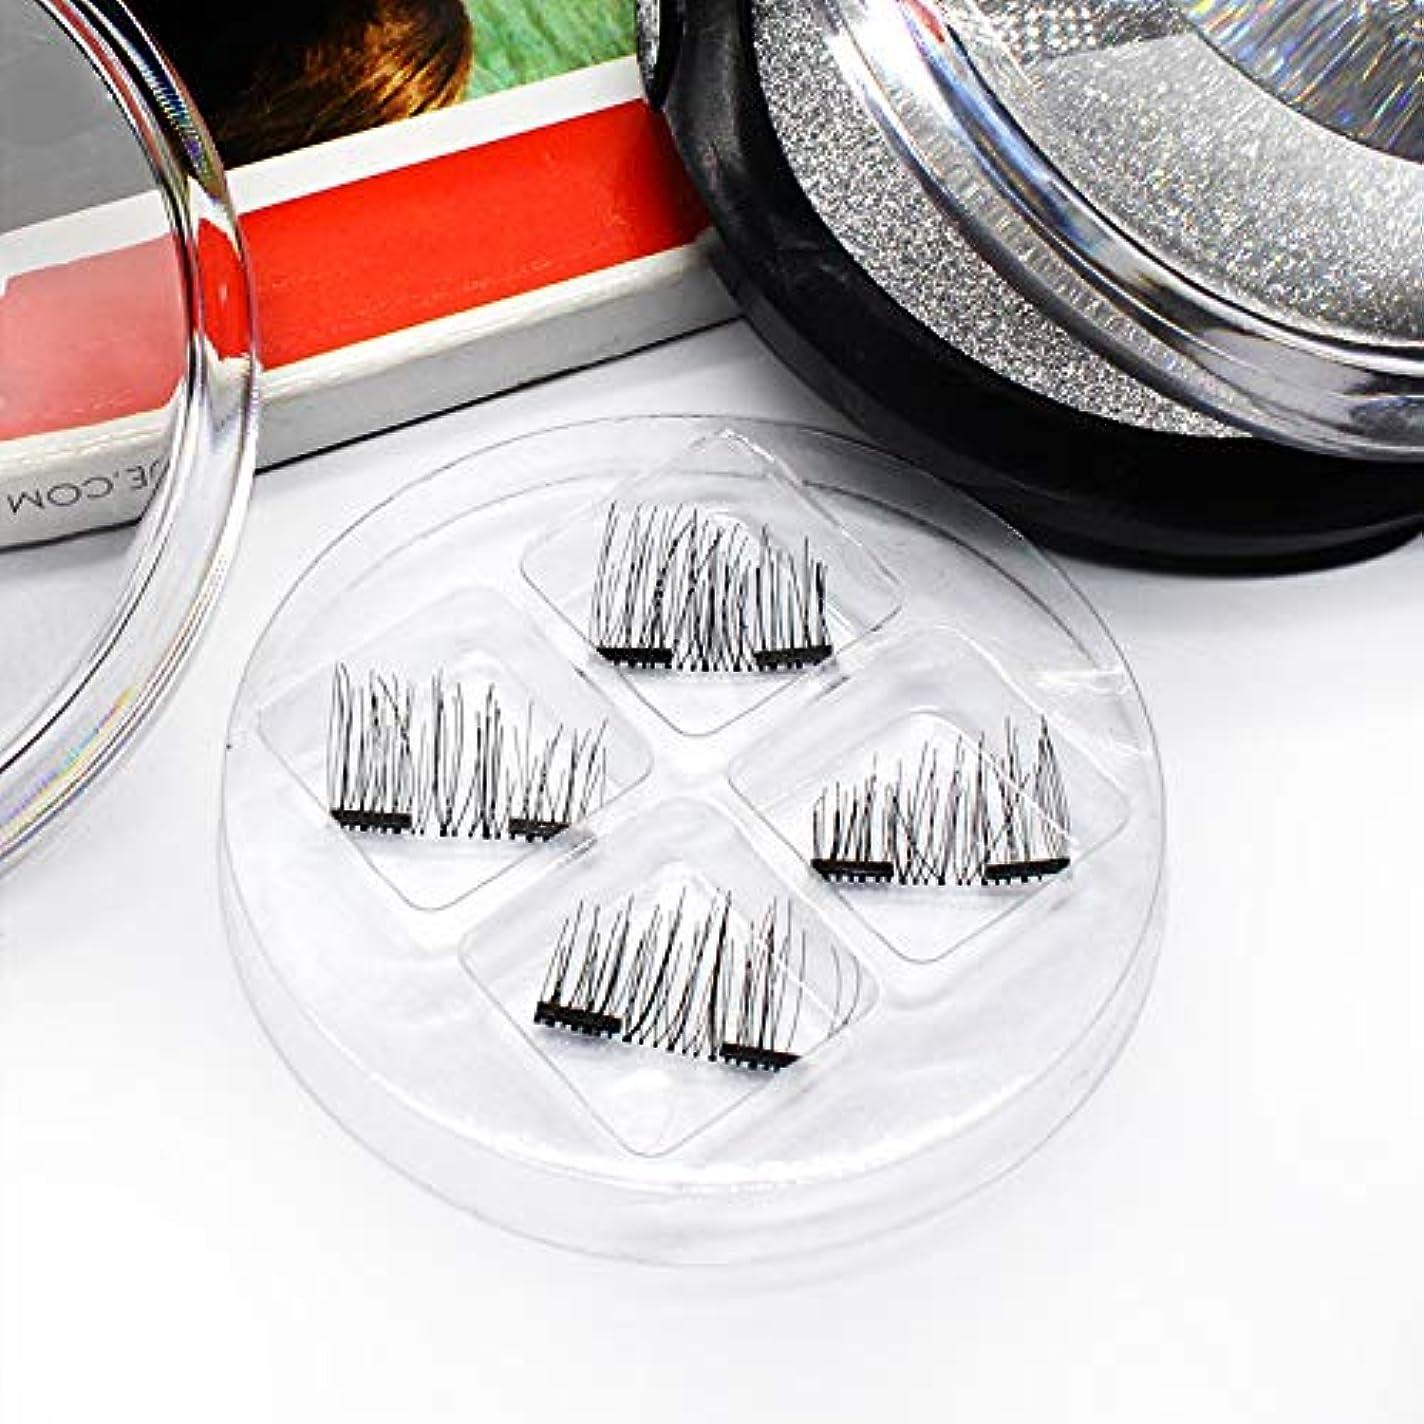 ウナギプログレッシブリングGlamfort磁気つけまつげを再利用することができます磁気つけまつげ二重磁気まつげ